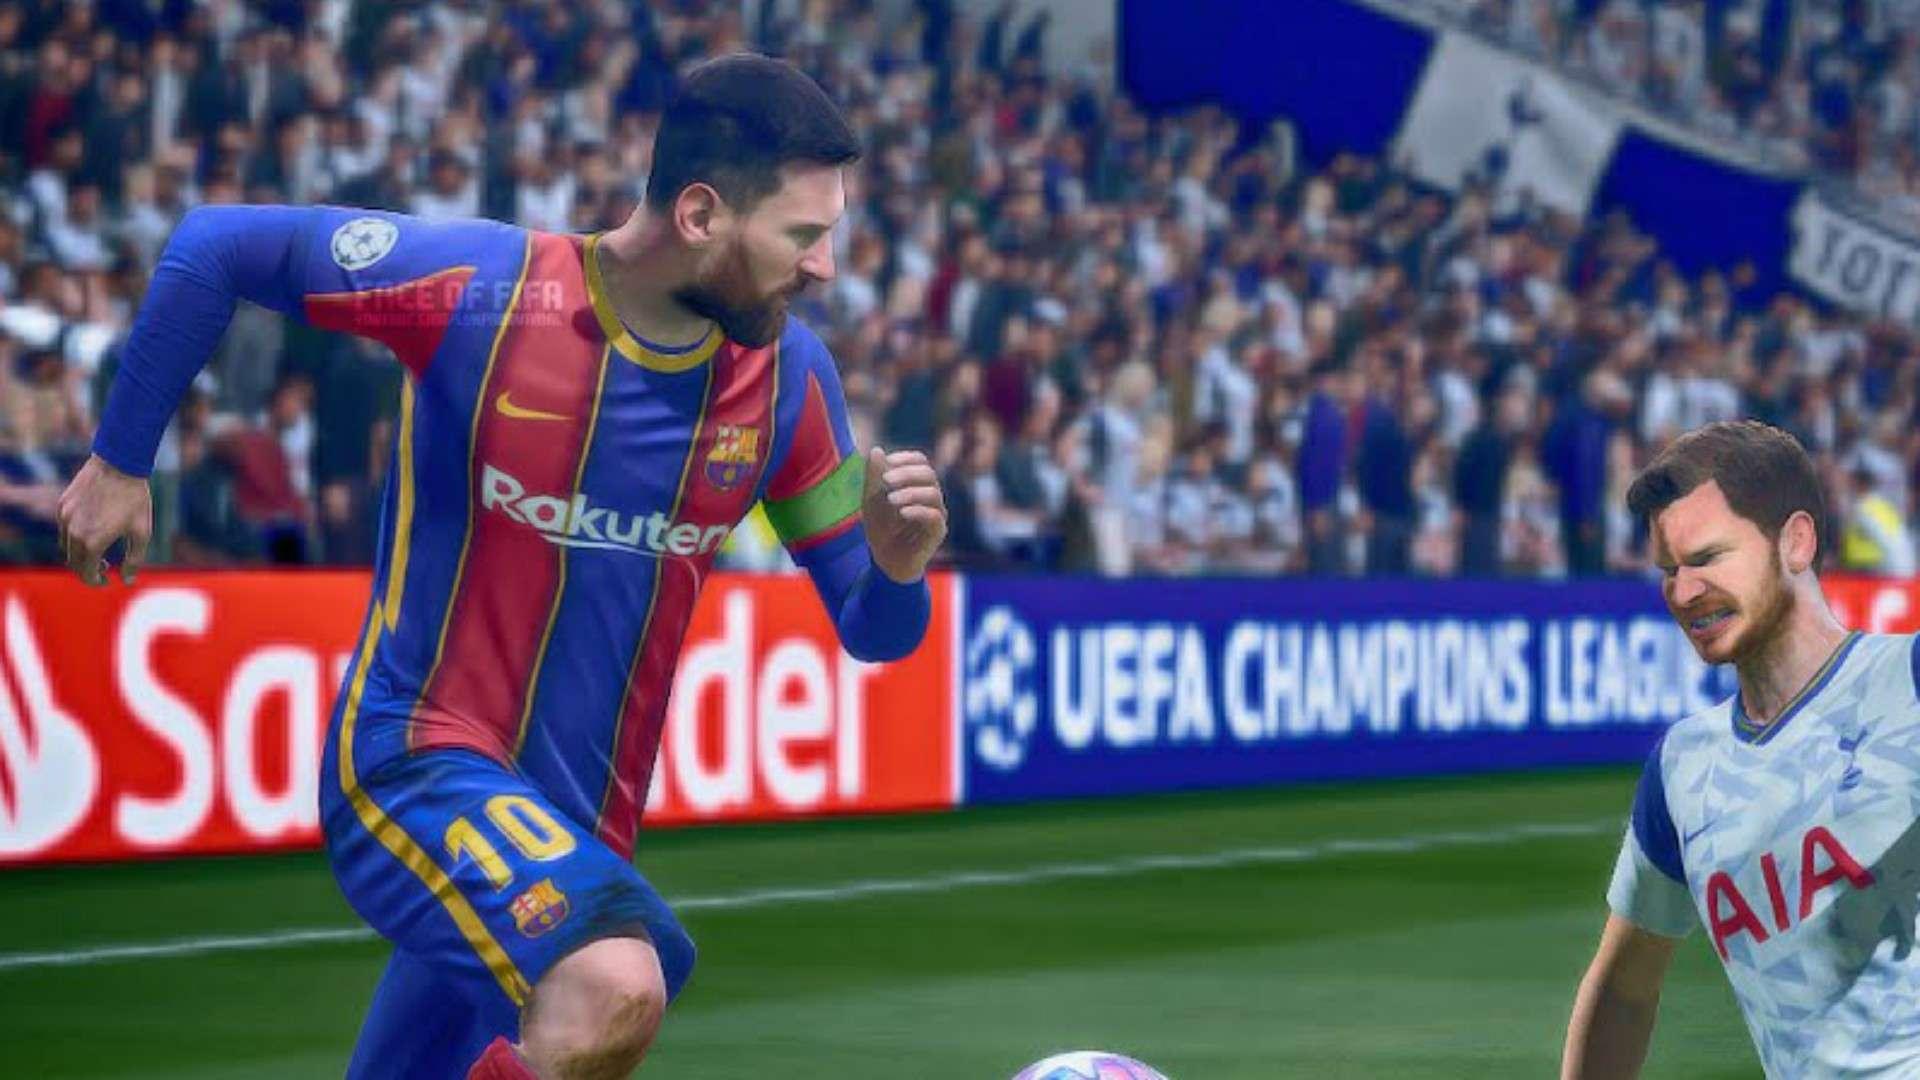 Los 10 Mejores Extremos De Fifa 21 Dot Esports Espanol